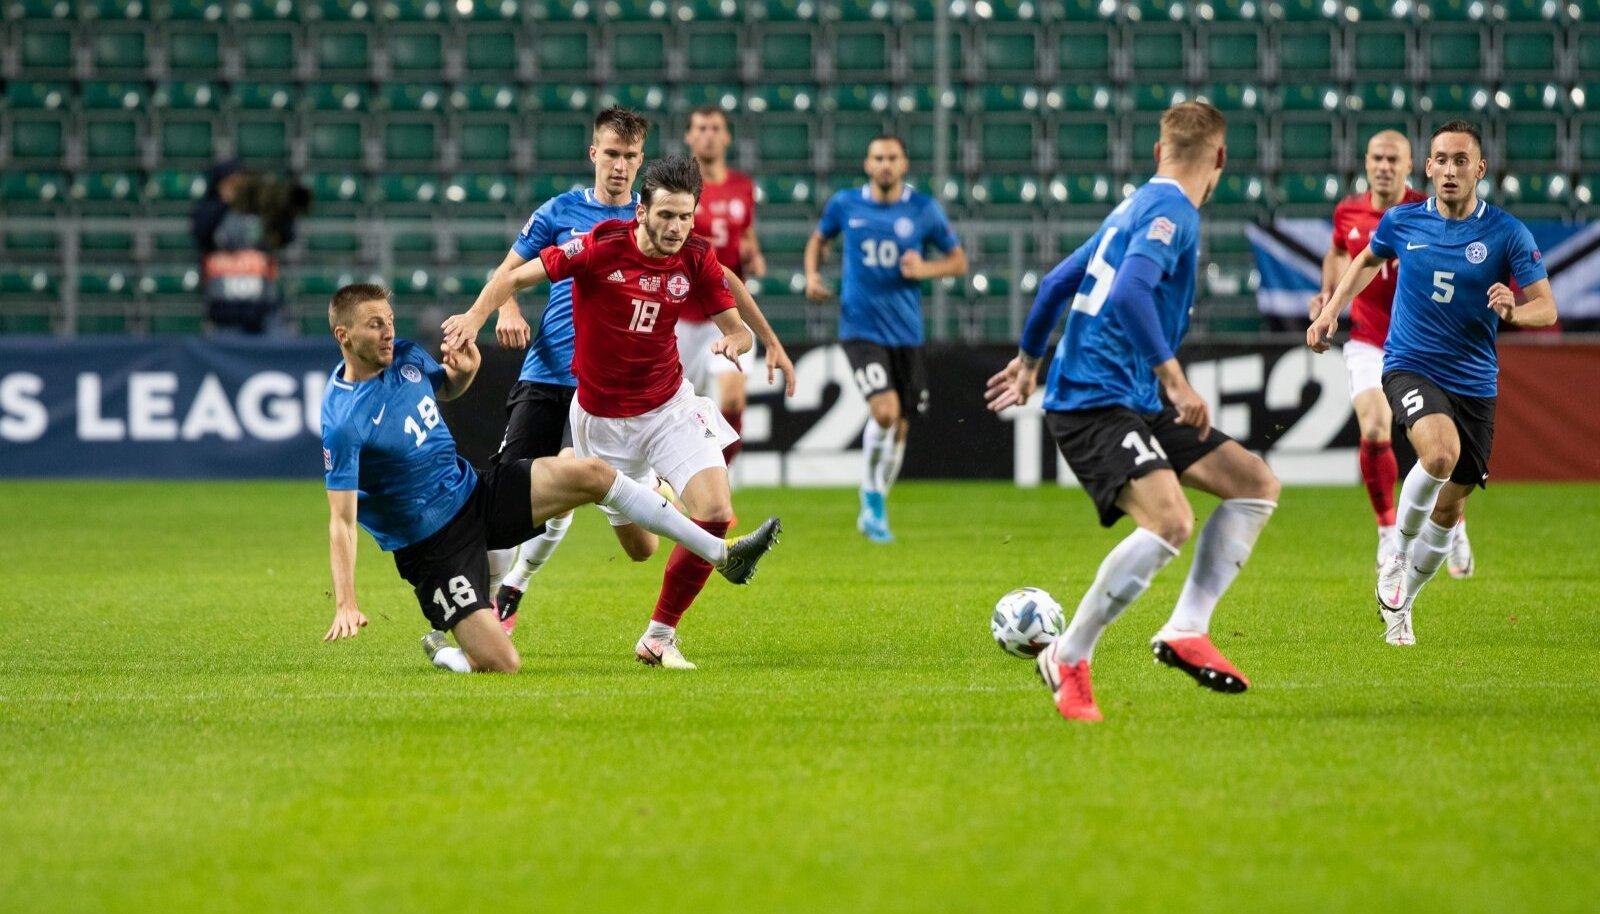 Eesti - Gruusia jalgpallikoondiste kohtumine